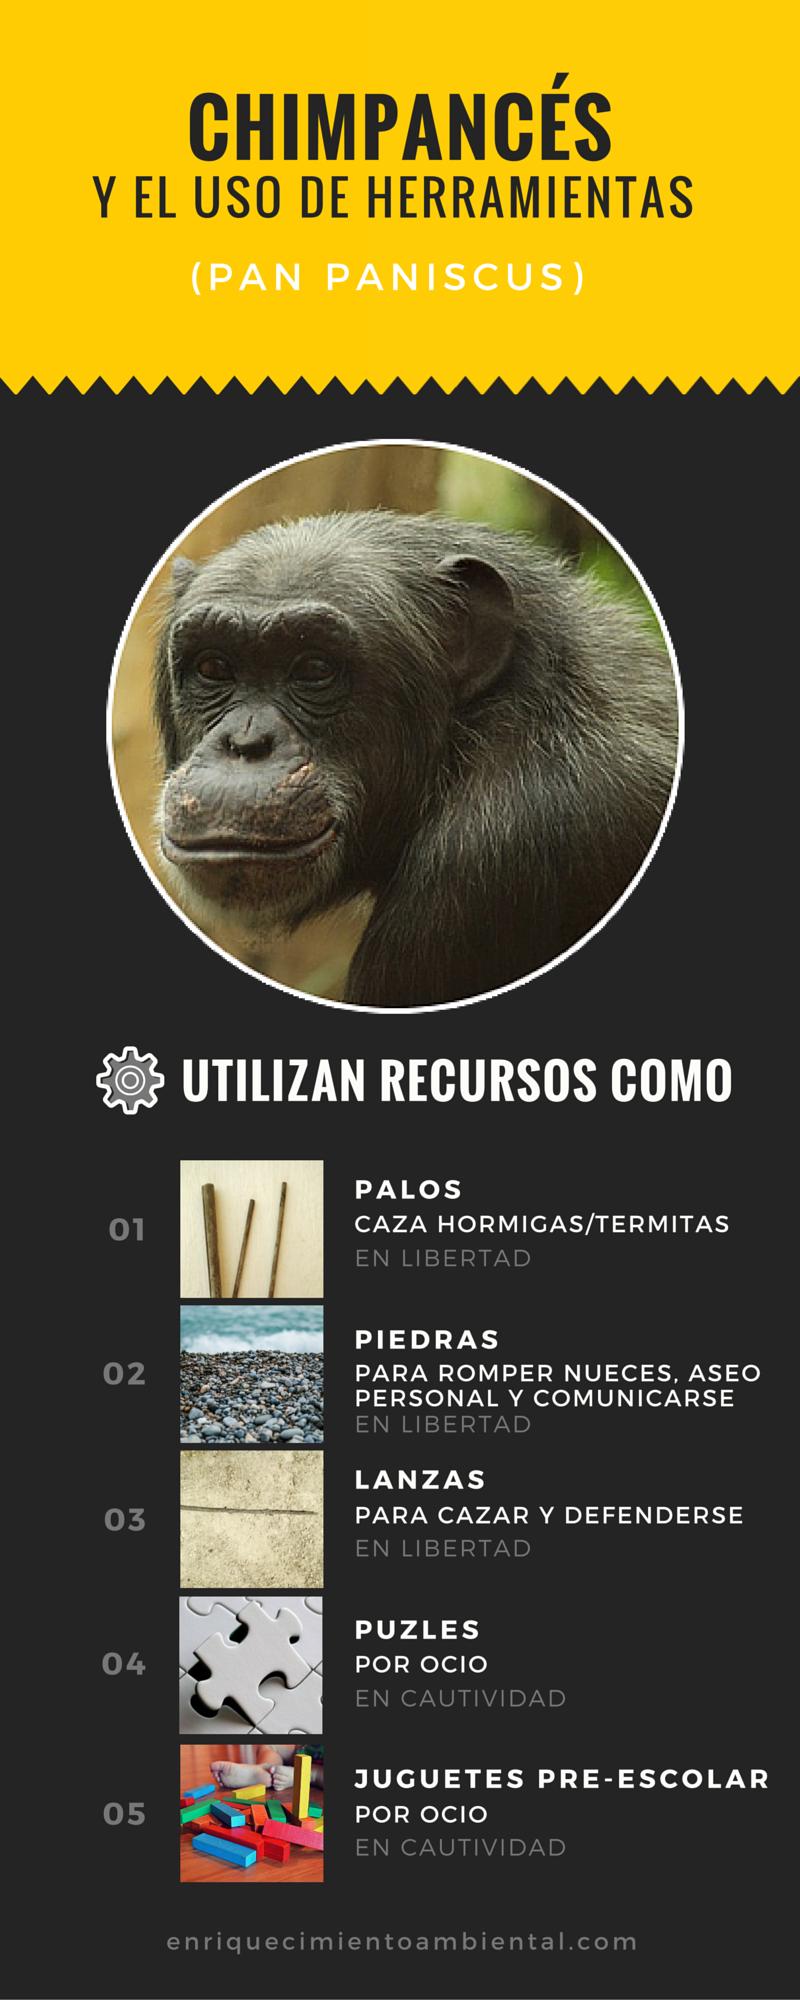 Chimpancés y el uso de herramientas. enriquecimientoambiental.com